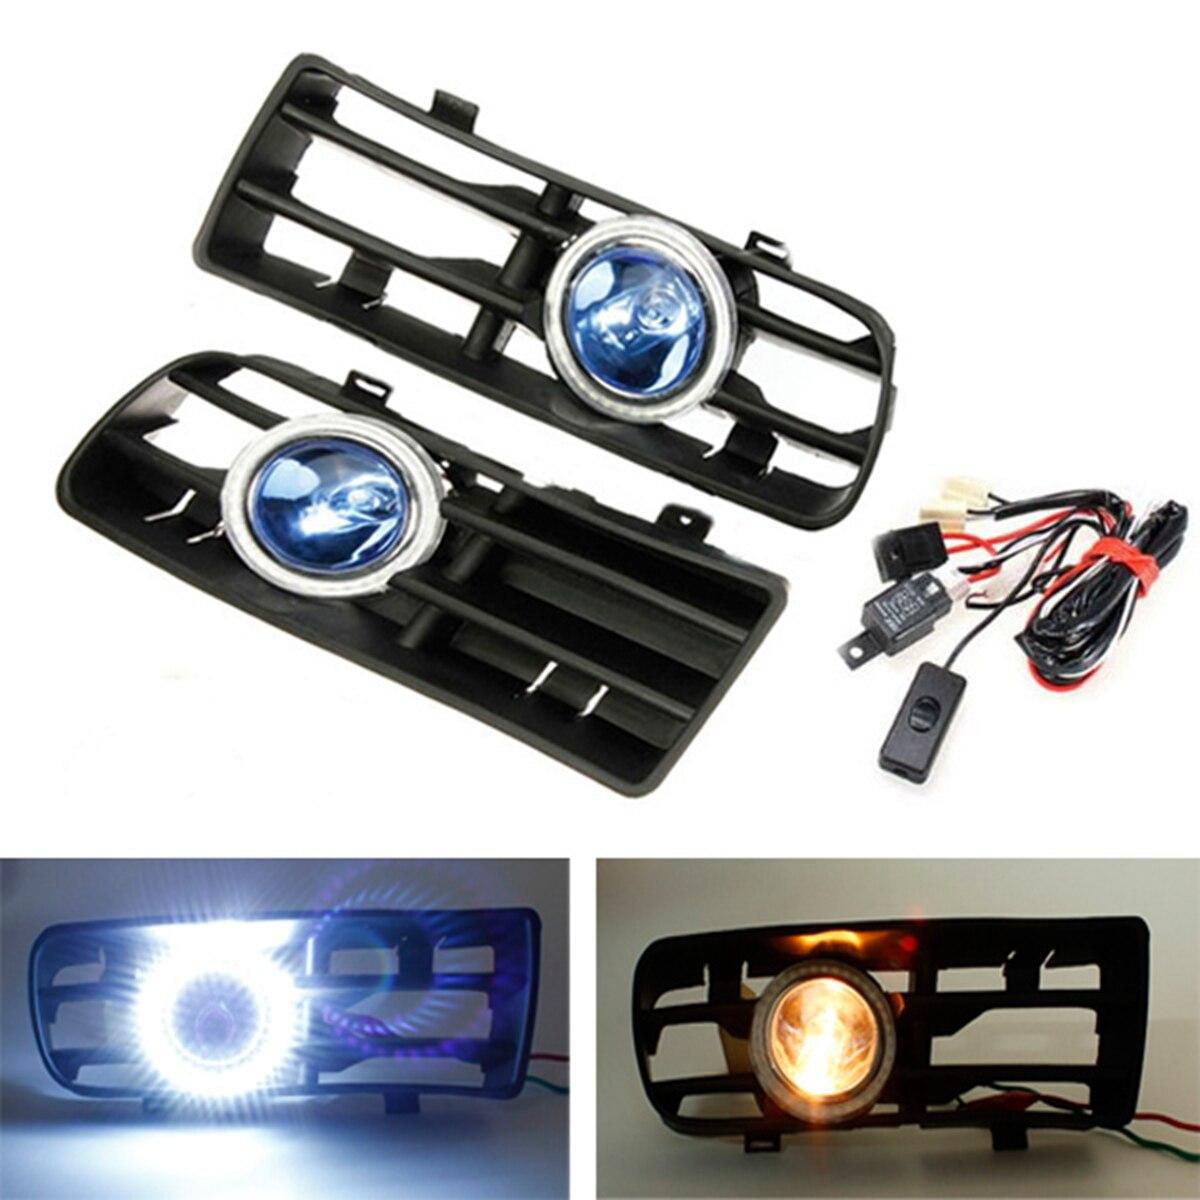 2Pcs Car styling Blue LED Fog Lights Front Bumper Grille for VW Golf Angel Eyes Lamp 1998 1999 2000 2001 2002 2003 2004